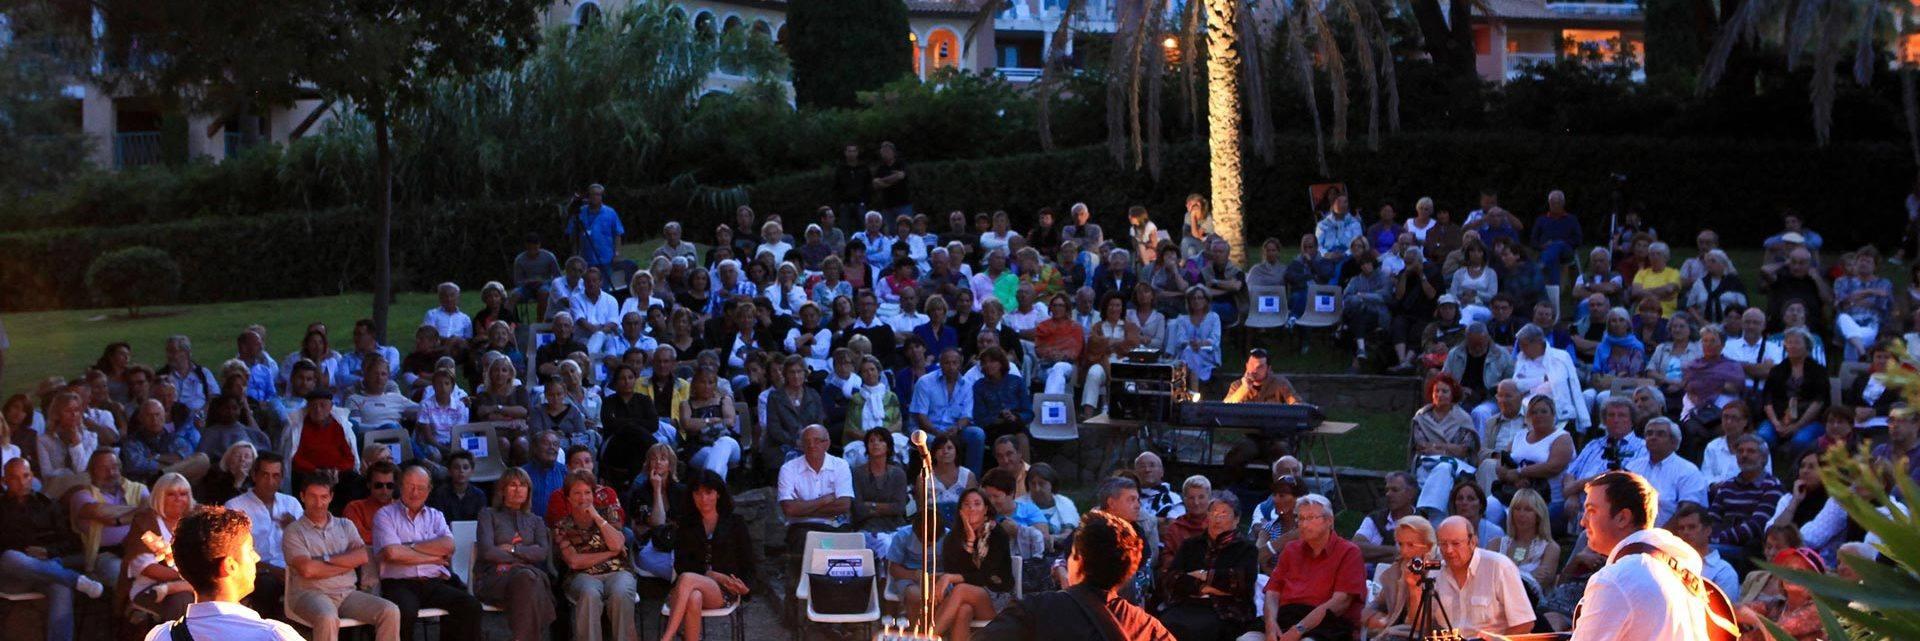 Festival de Jazz aux Issambres